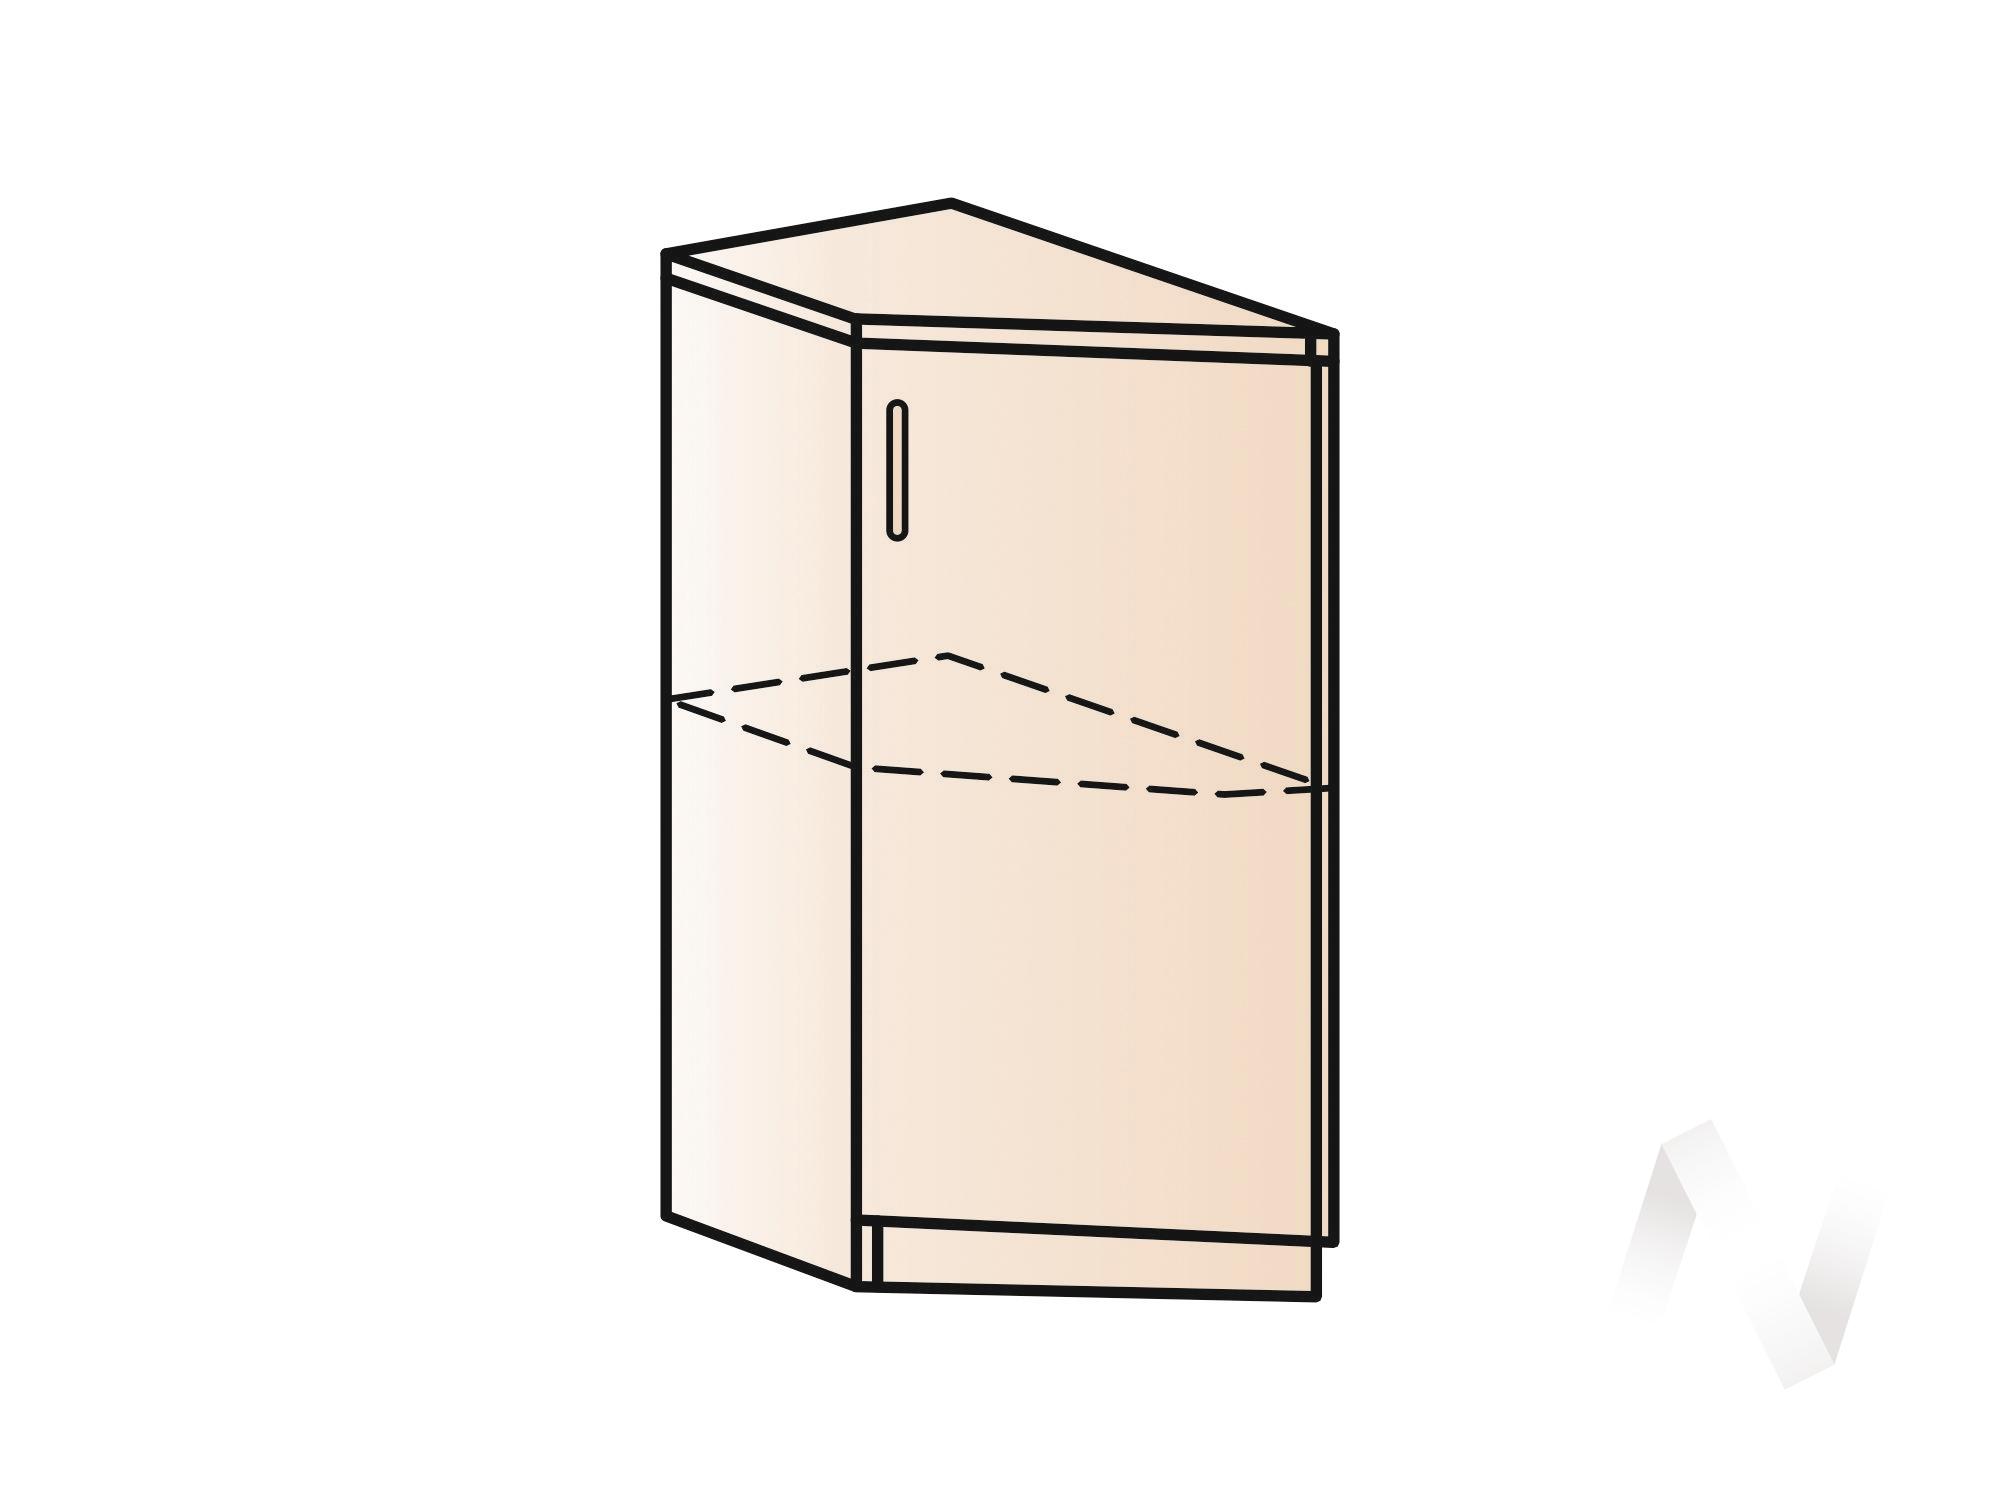 """Кухня """"Люкс"""": Шкаф нижний торцевой 300, ШНТ 300 (Шоколад матовый/корпус белый) в Новосибирске в интернет-магазине мебели kuhnya54.ru"""